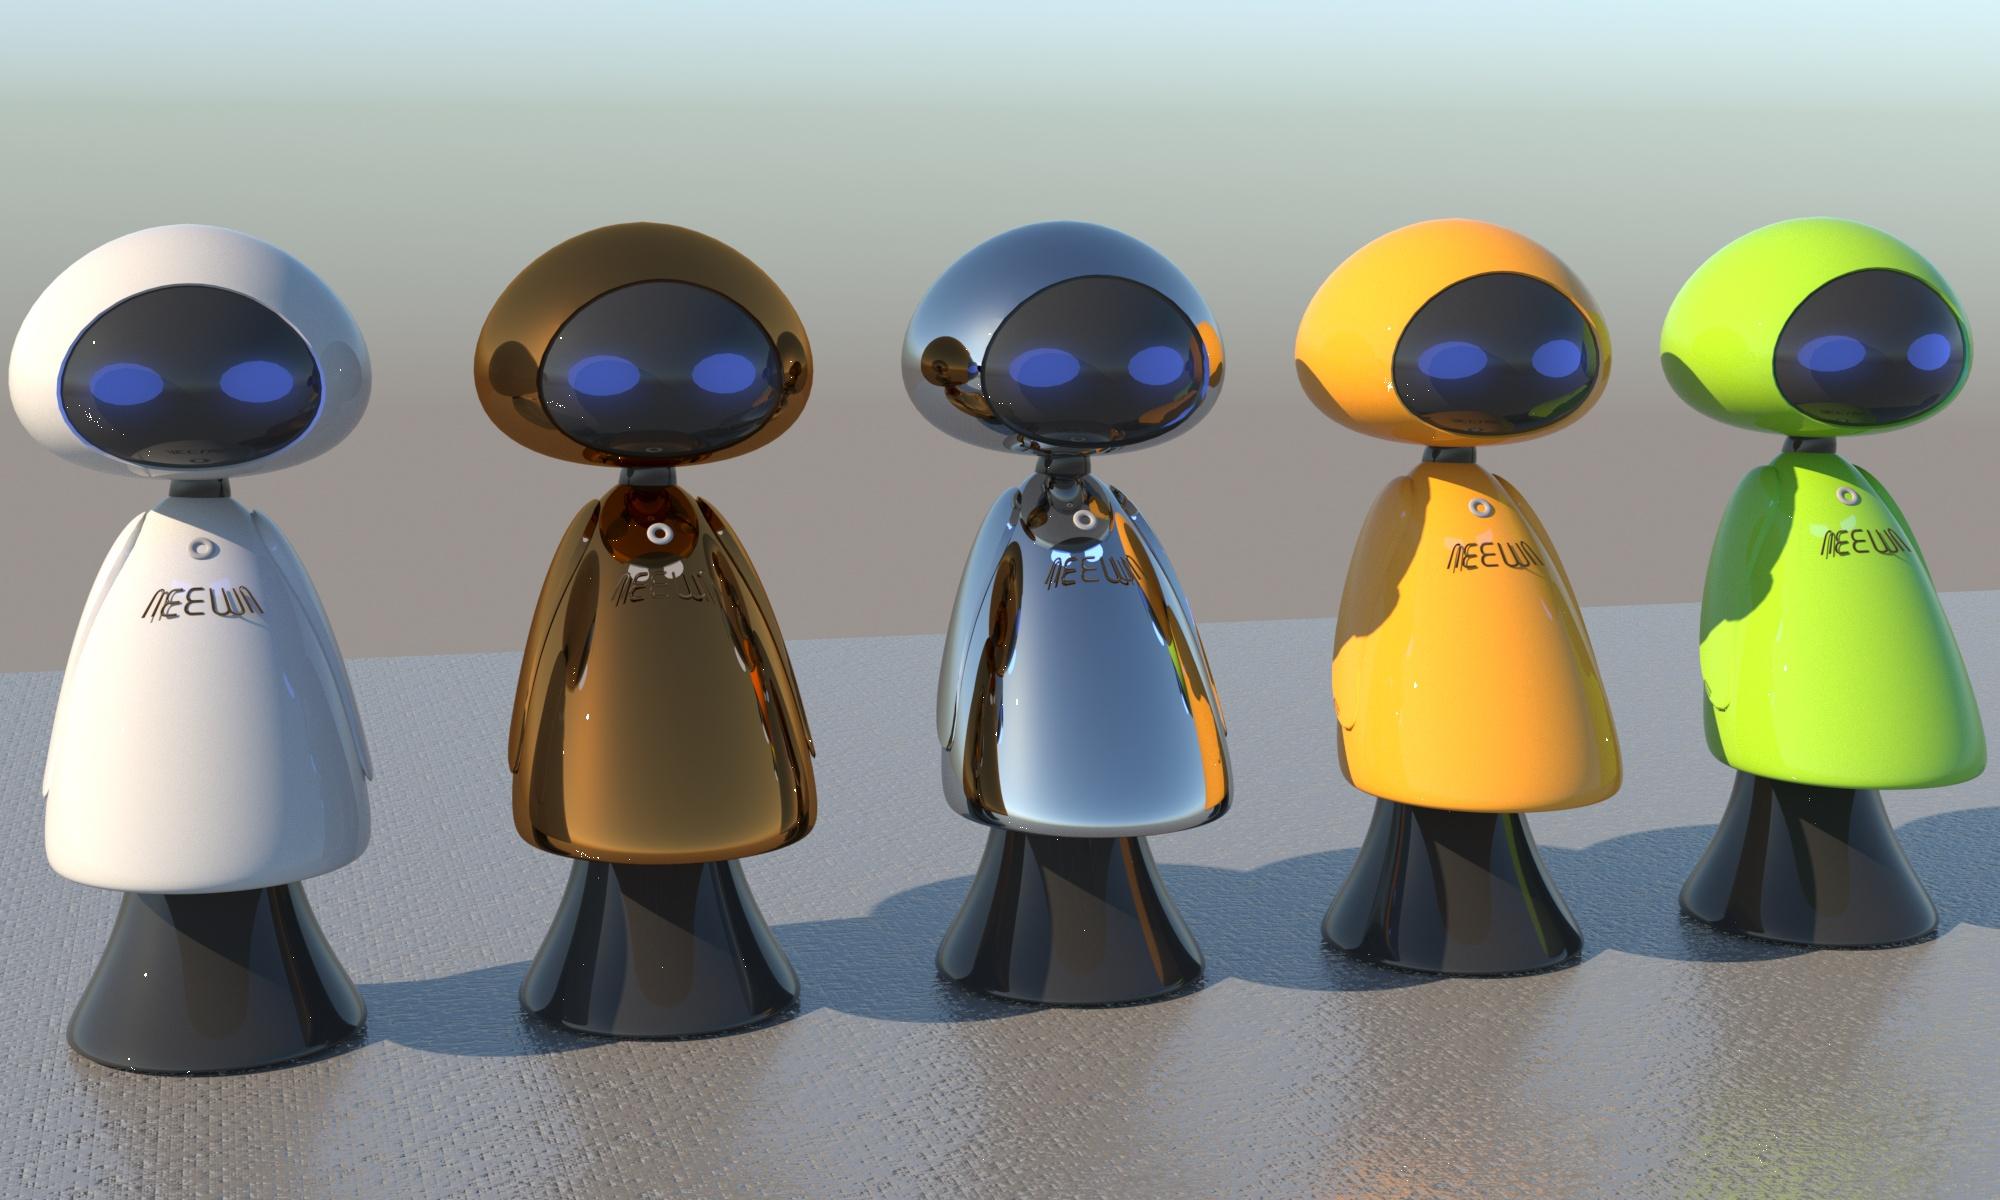 Конкурс на разработку дизайна детского домашнего робота. фото f_5585a7ca348a5e9d.jpg